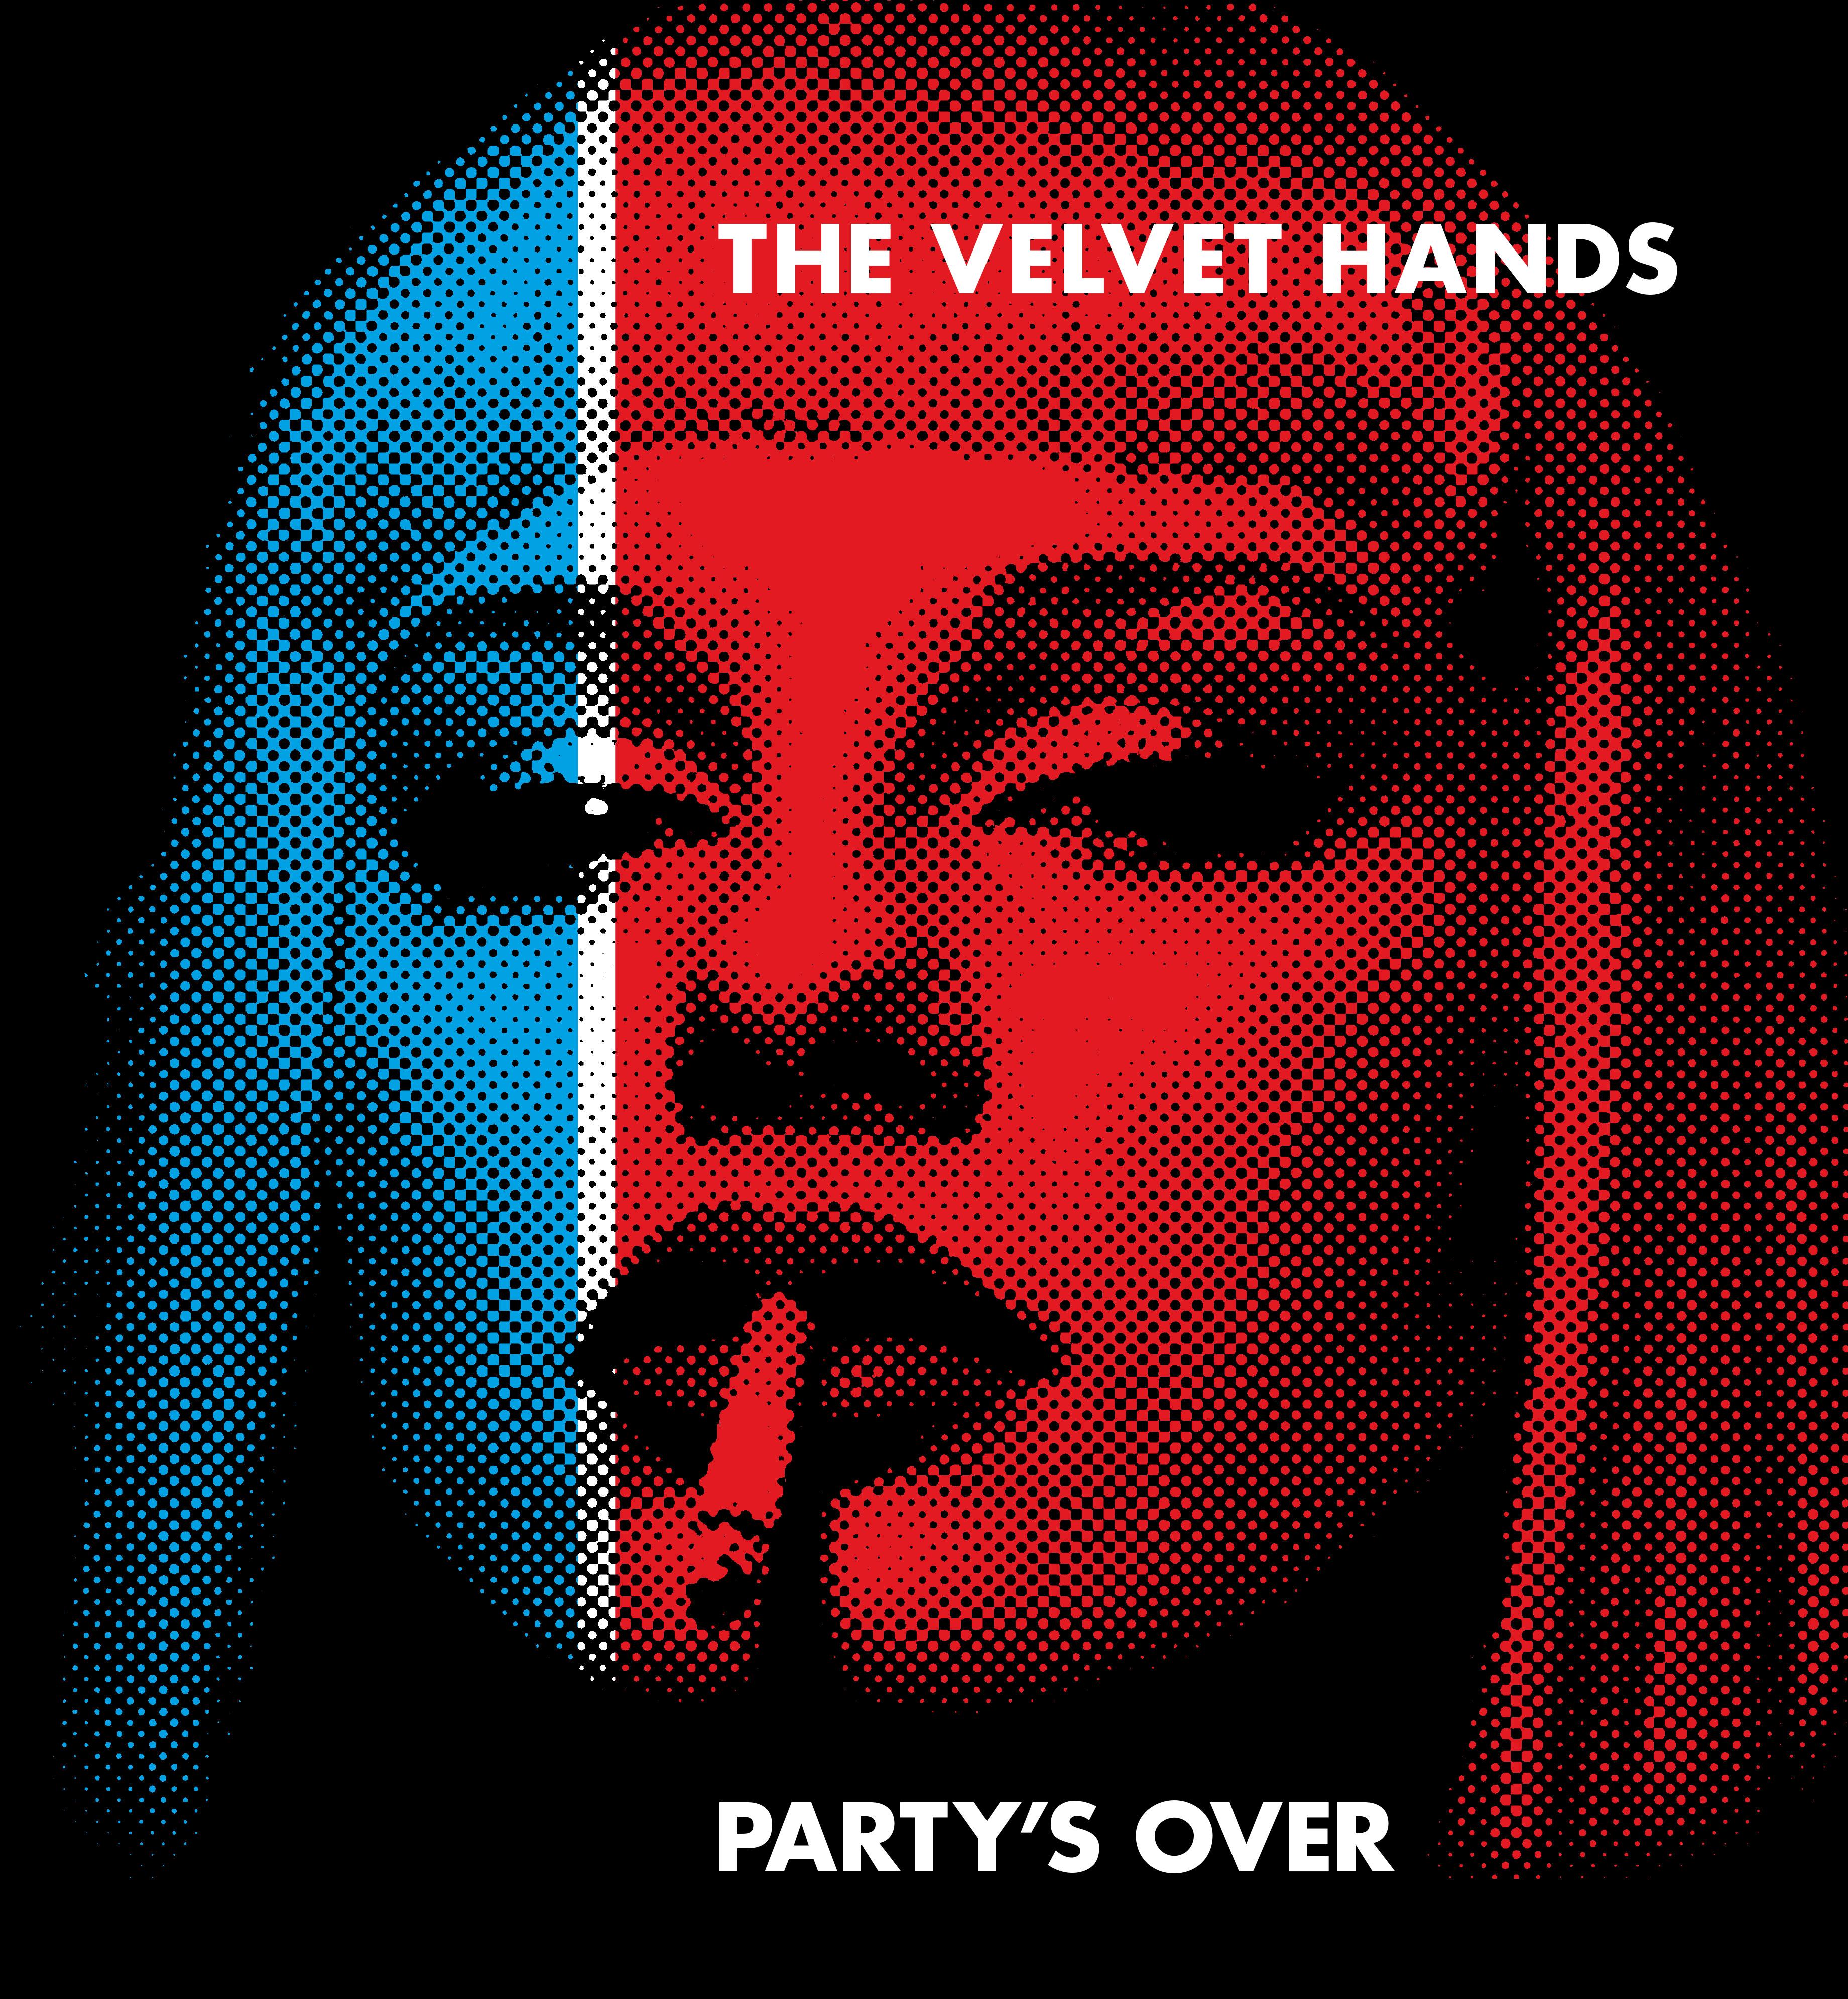 Party's Over CD - The Velvet Hands